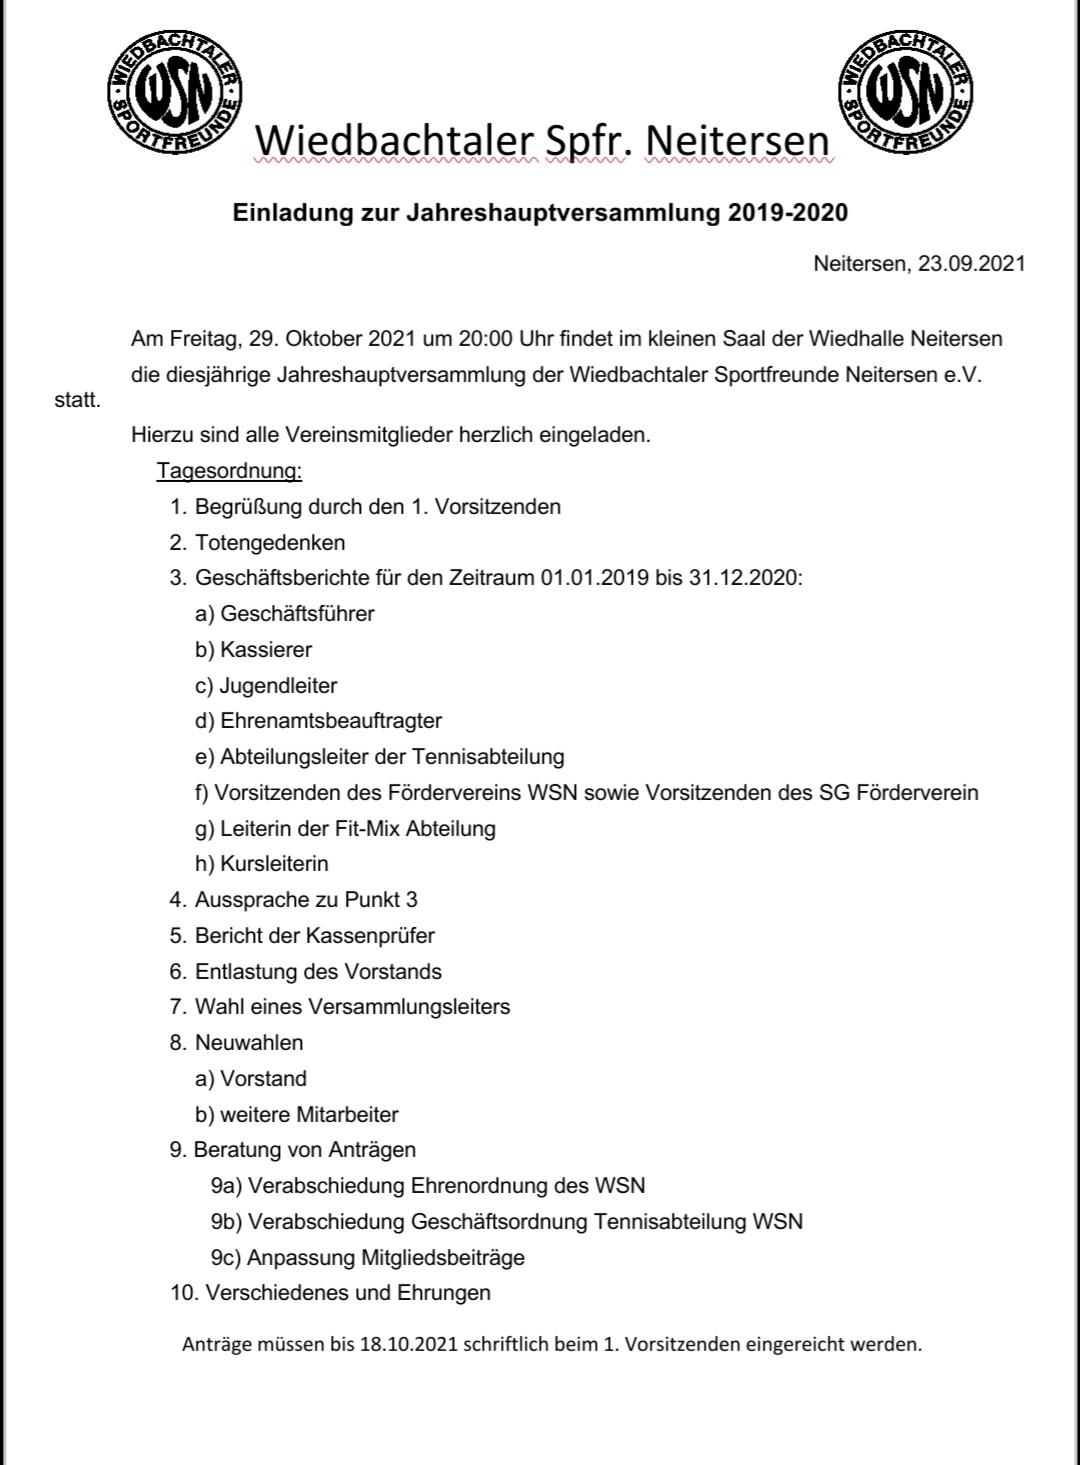 Jahreshauptversammlung der Wiedbachtaler Sportfreunde Neitersen @ Kleiner Saal, Wiedhalle